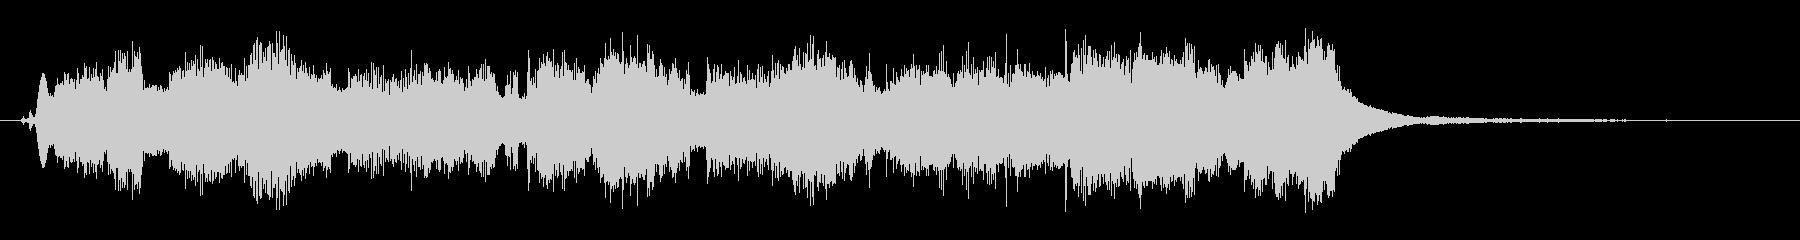 アコーディオンの可愛い10秒のジングルの未再生の波形